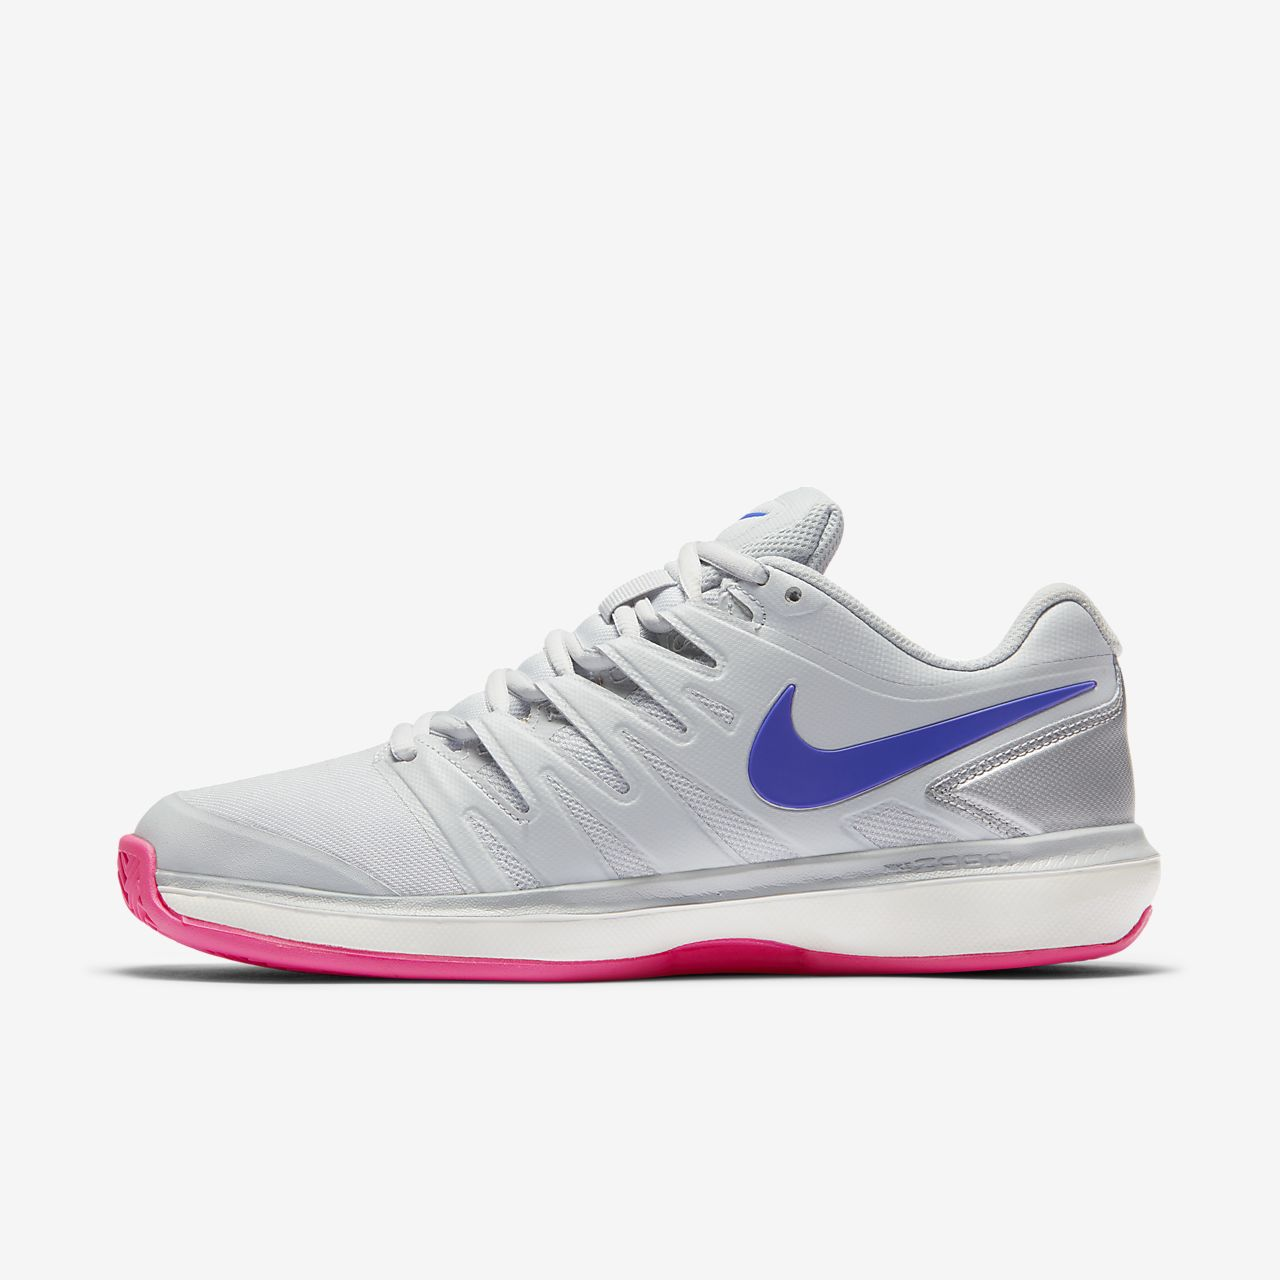 NikeCourt Air Zoom Prestige Tennisschoen voor dames (gravel)